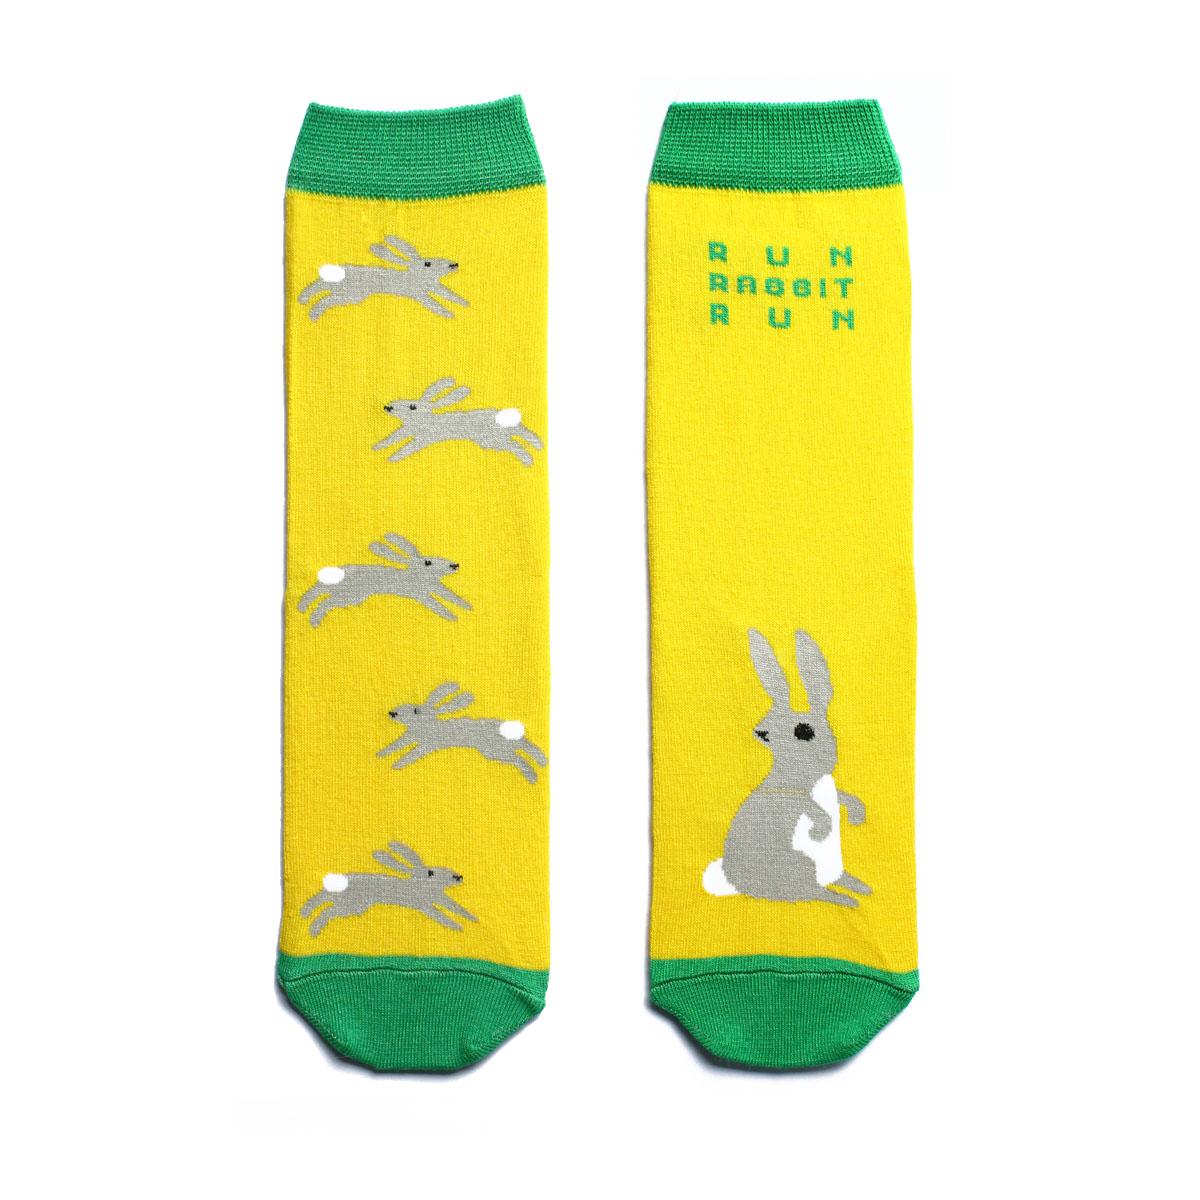 Носки мужские Big Bang Socks, цвет: желтый. n231. Размер 40-44n231Яркие носки Big Bang Socks изготовлены из высококачественного хлопка с добавлением полиамида и эластана, которые обеспечивают отличную посадку. Модель с удлиненным паголенком оформлена оригинальным принтом с изображением зайцев. Широкая резинка плотно облегает ногу и обеспечивает удобство, не сдавливая ее.